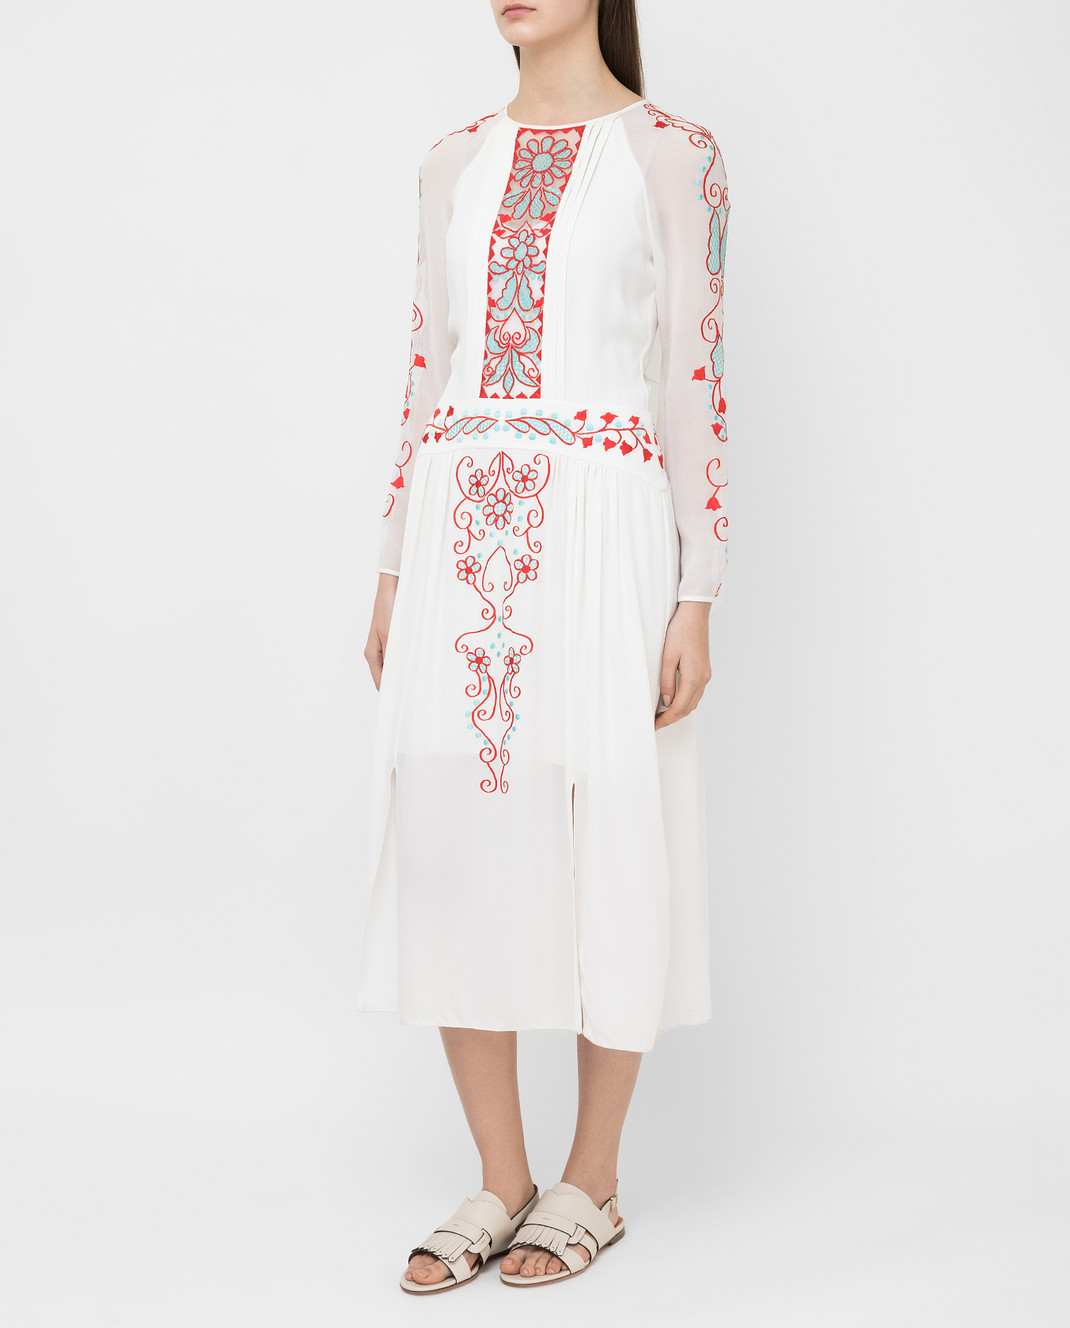 Temperley London Белое платье из шелка 16S73650959 изображение 3